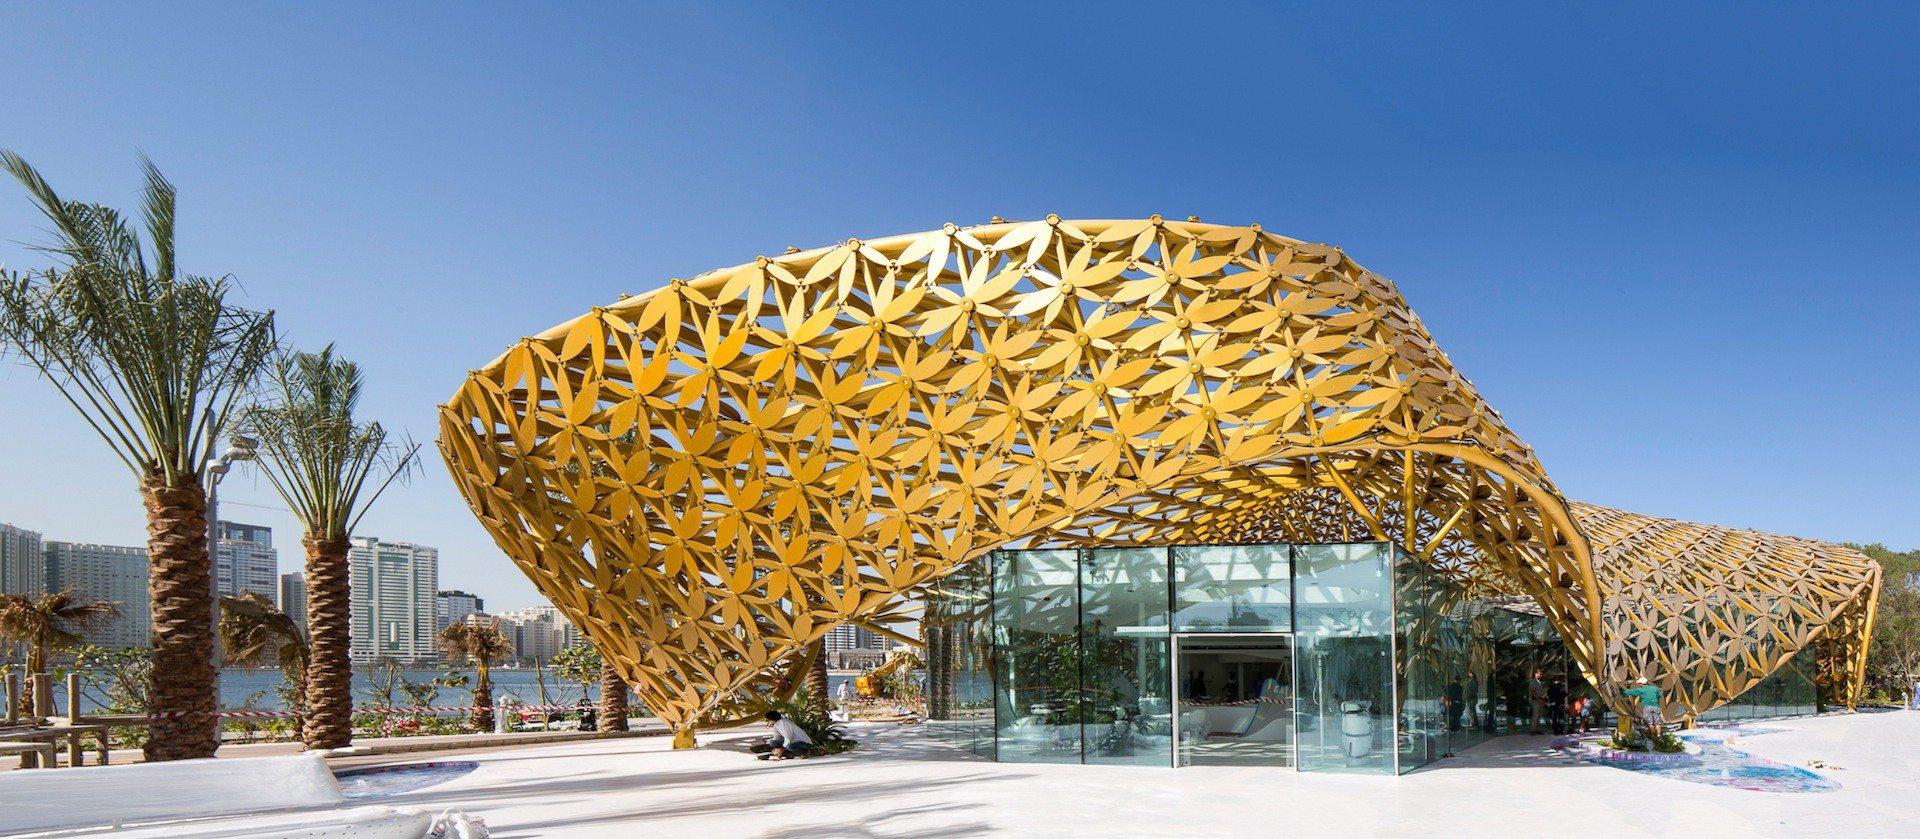 Butterfly Pavilion.  Die ornamentale Dachkonstruktion ist das auffälligste Merkmal der Bauten auf Al Noor Island